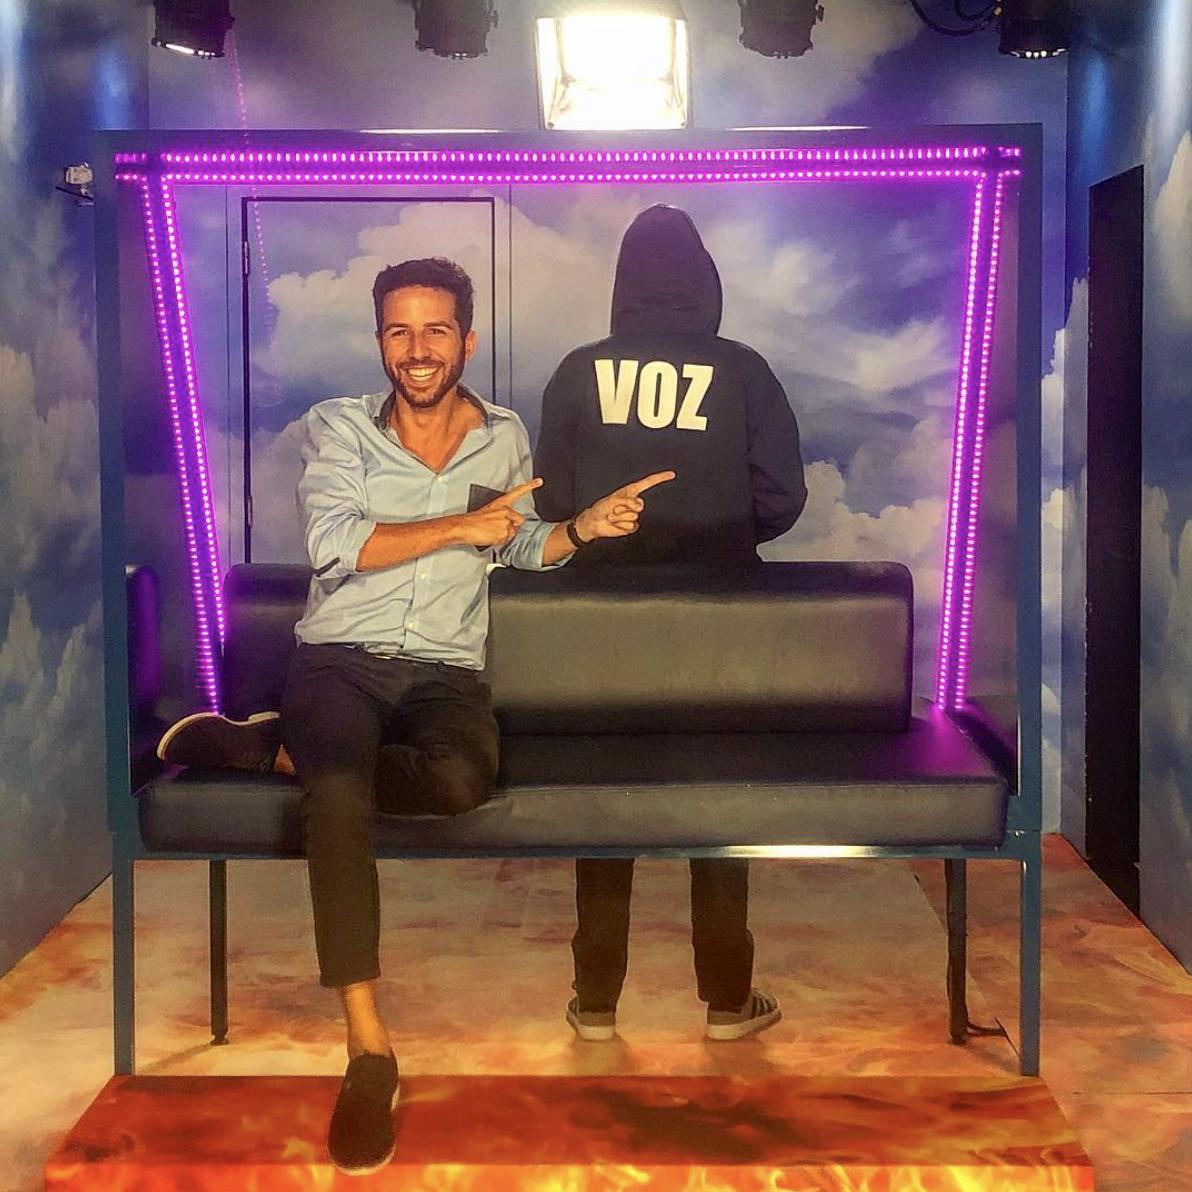 Casa Dos Segredos Voz Big Brother 2020. A Voz Da 'Casa Dos Segredos' É A Voz Do 'Big Brother'